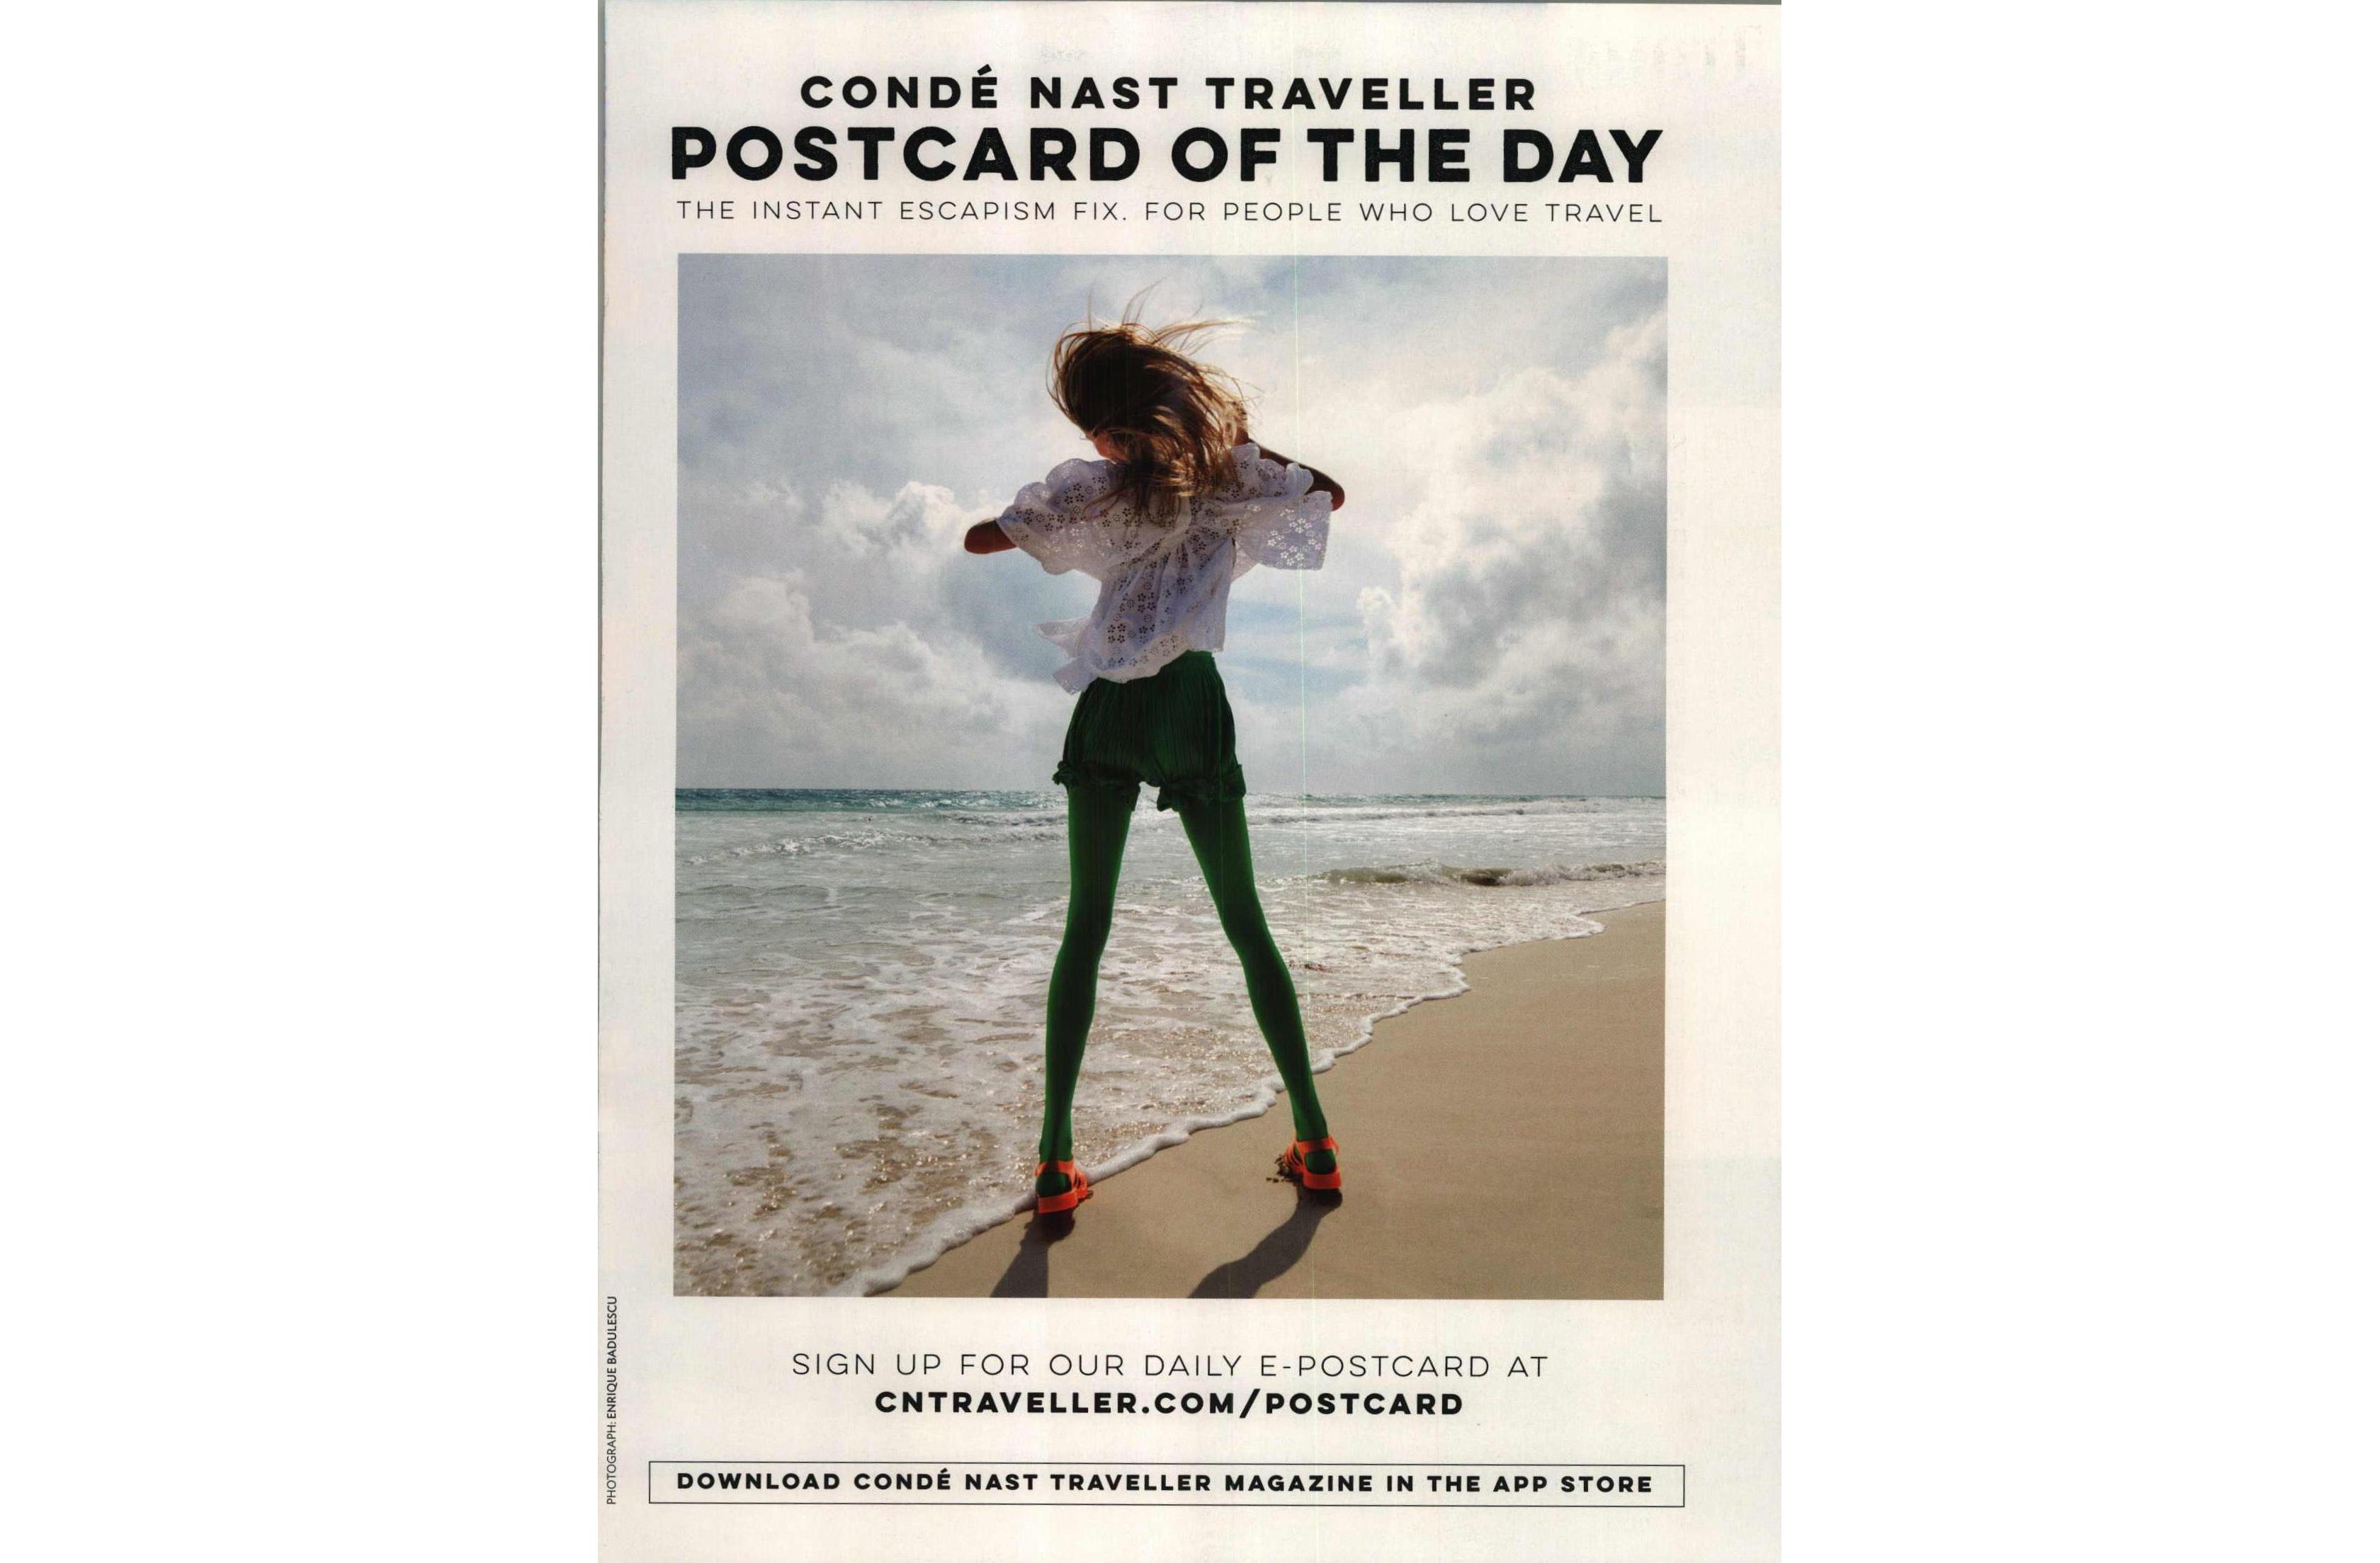 An advertisement for Condé Nast Traveller